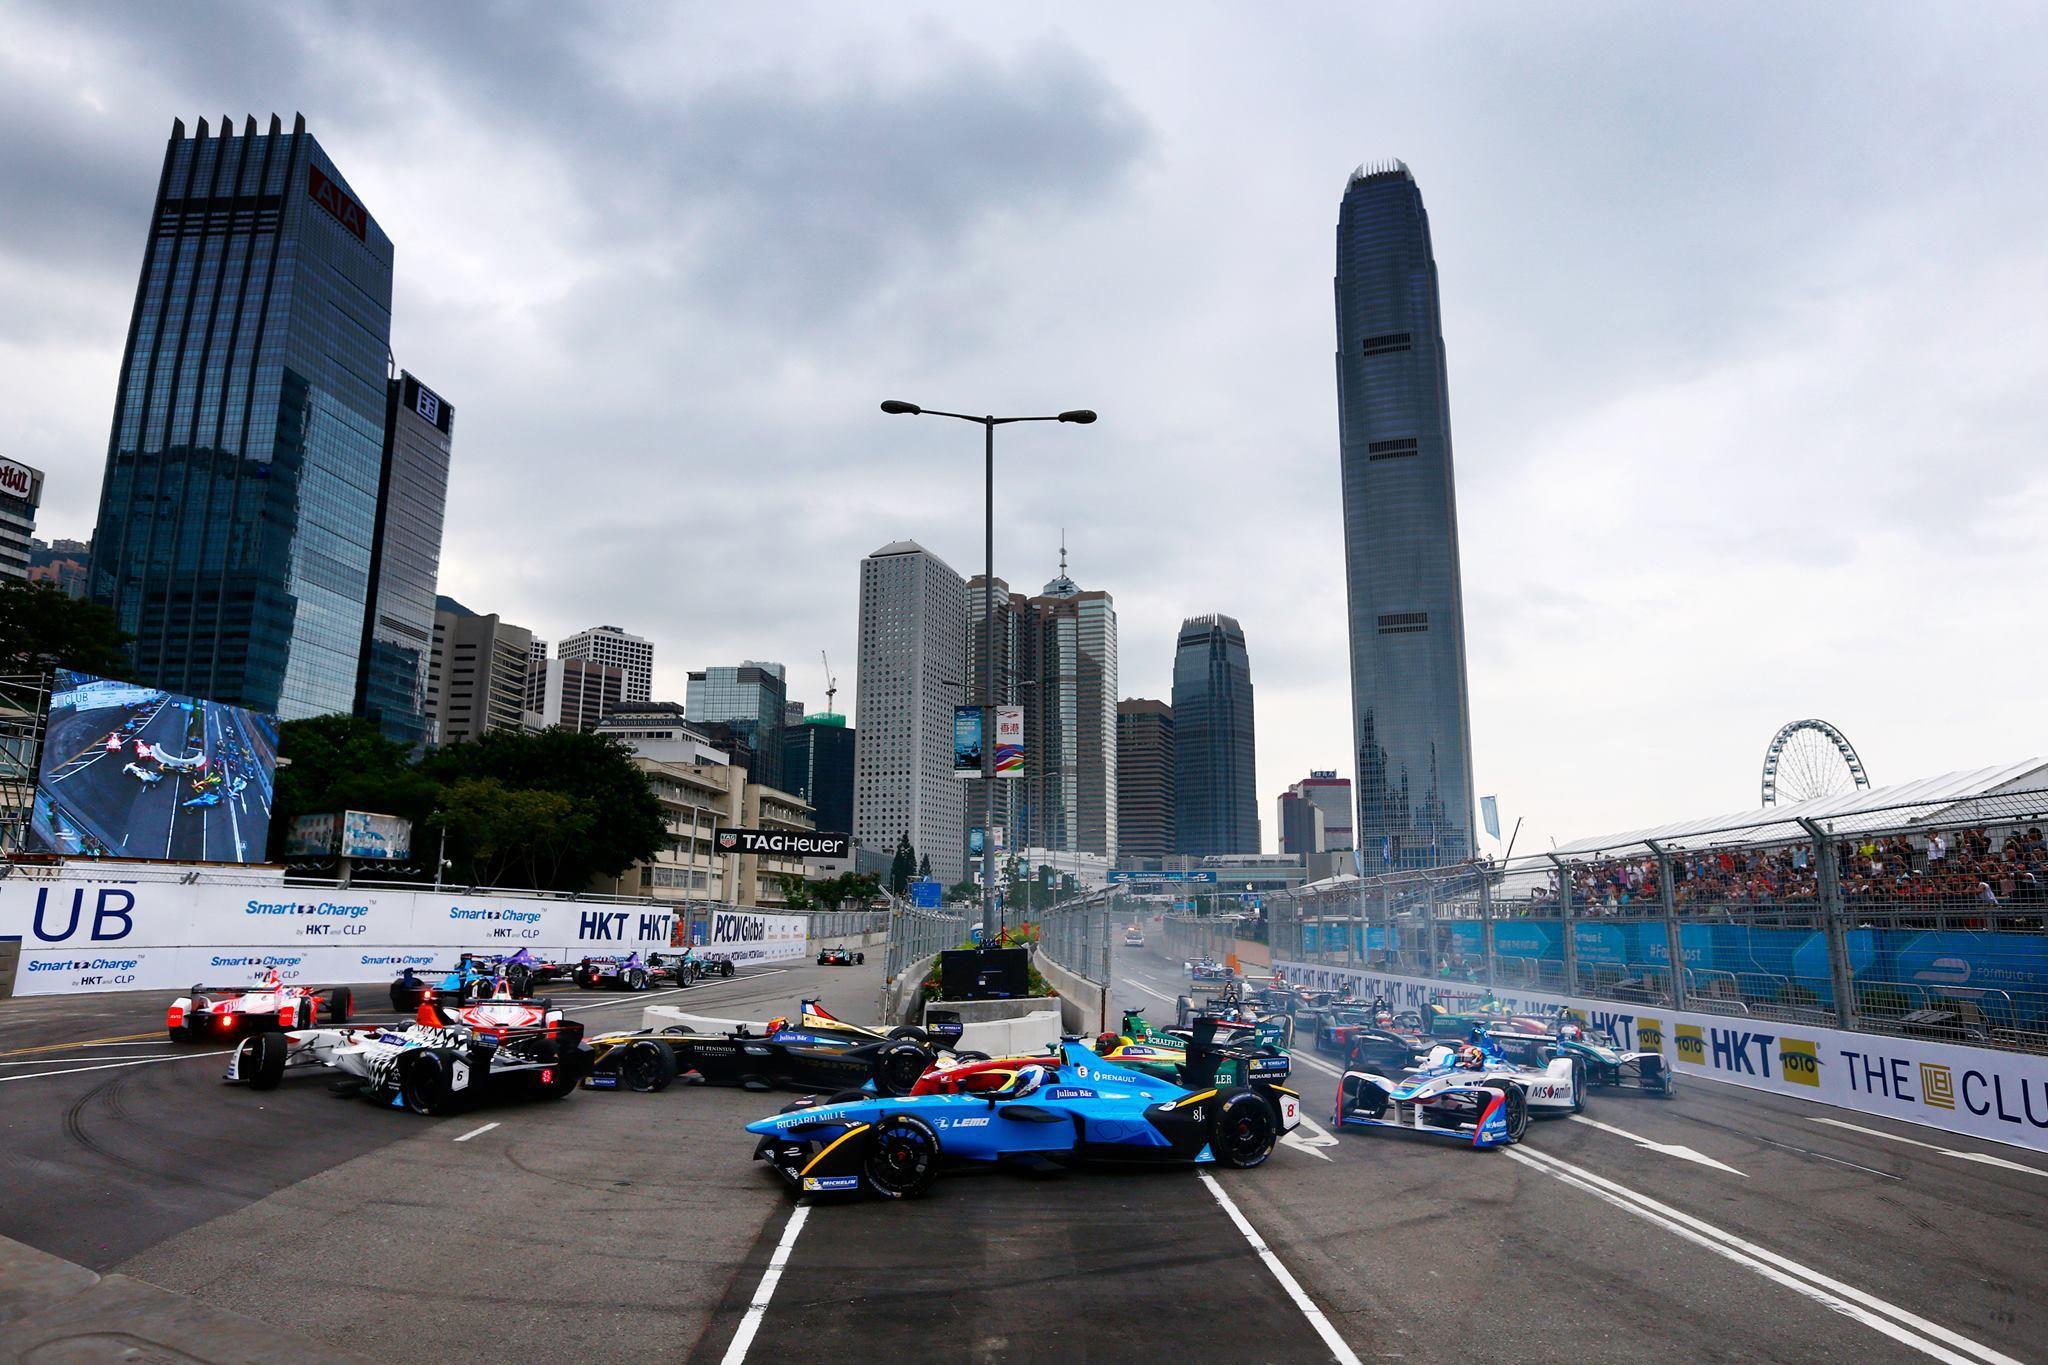 Xe++ - Nissan sẽ tham dự giải đua xe điện hàng đầu Formula E năm 2018